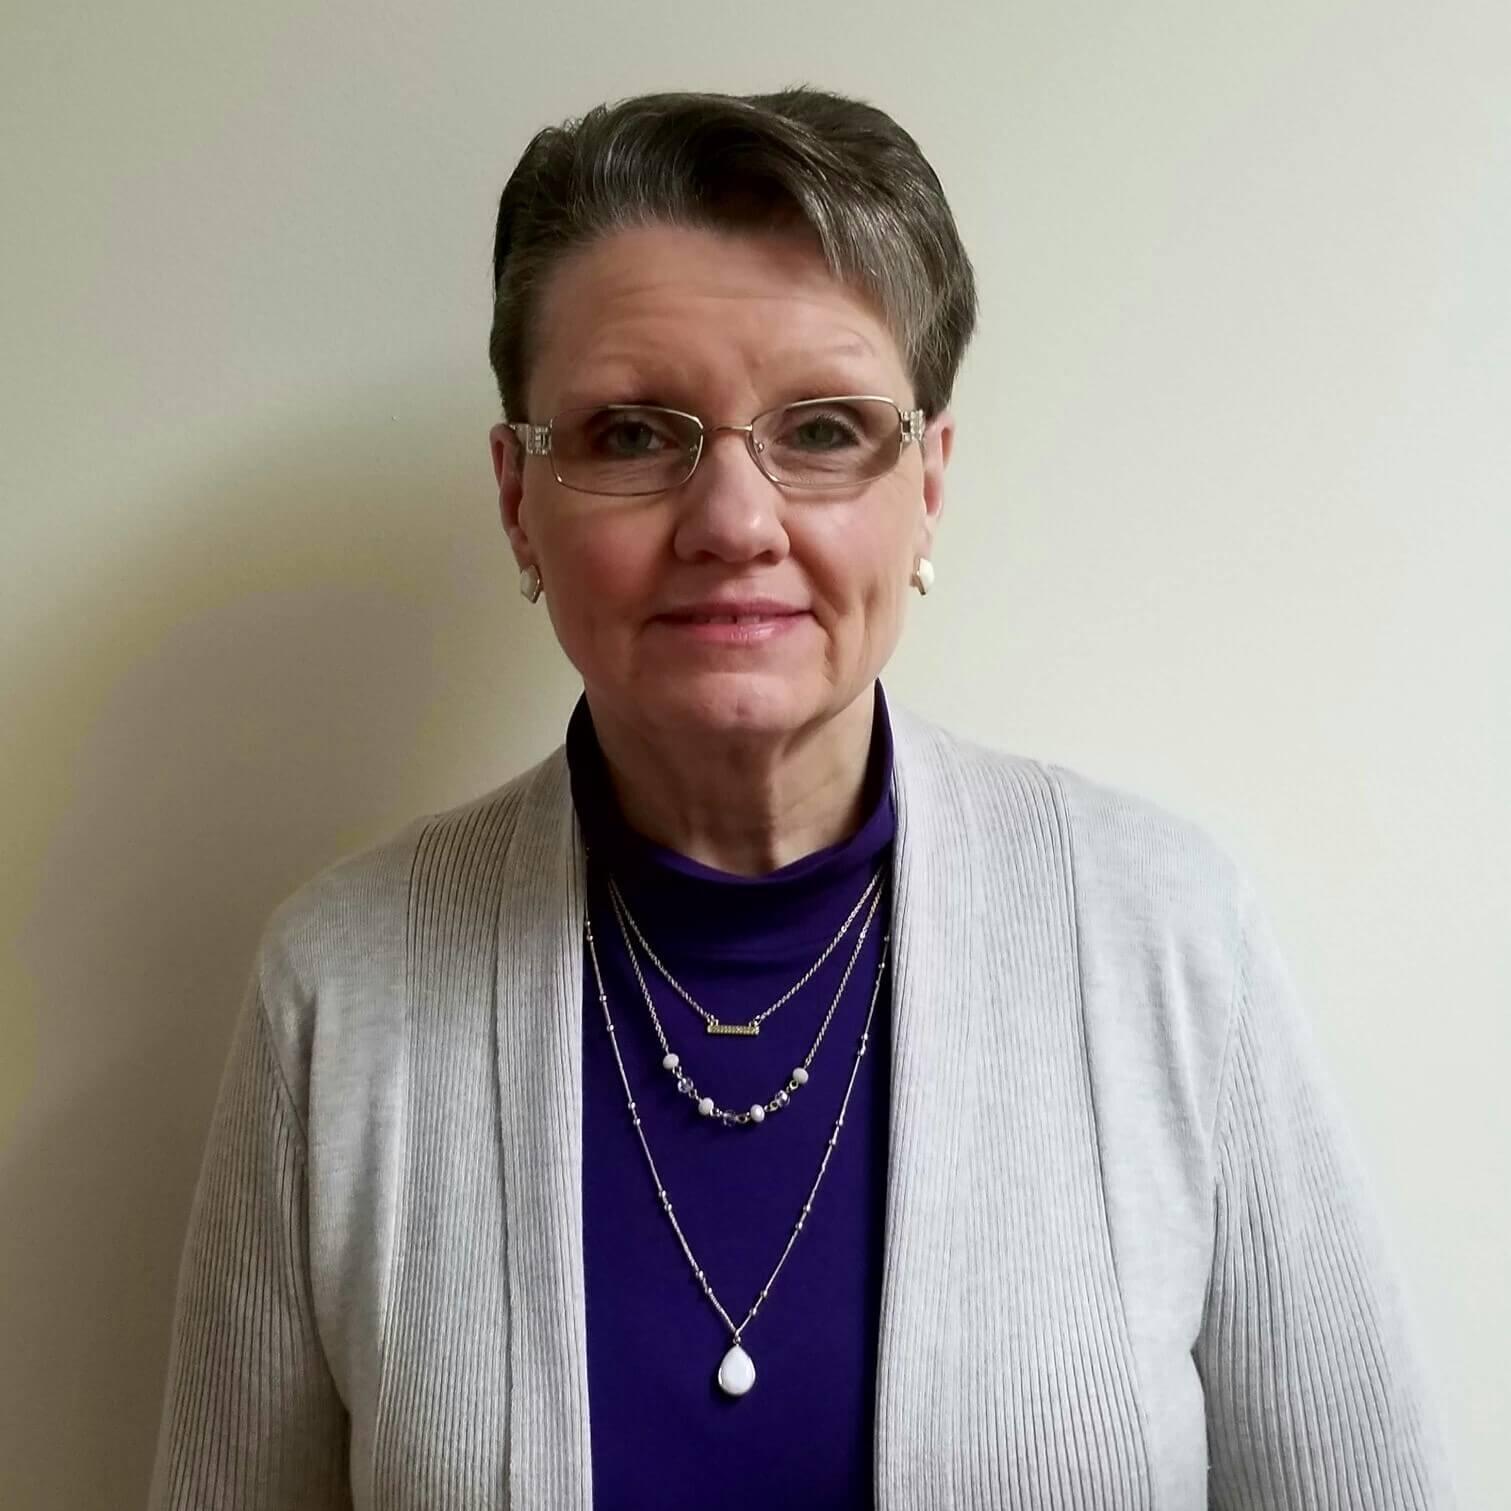 Pam Eames -Ira Township Assessor and Building Secretary